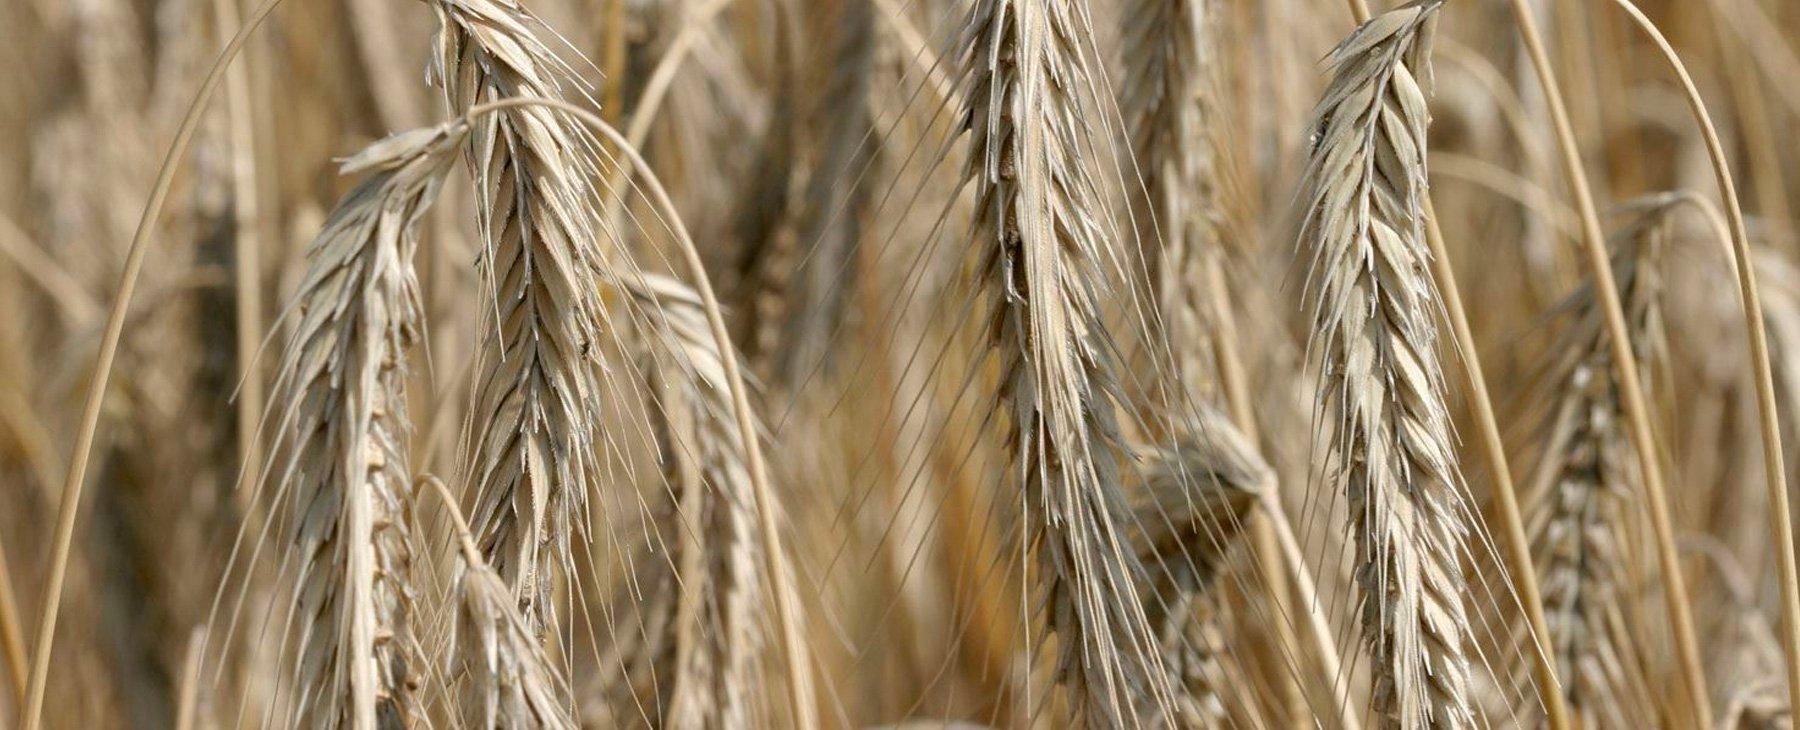 1800x730 - UBI - Goodness of rye